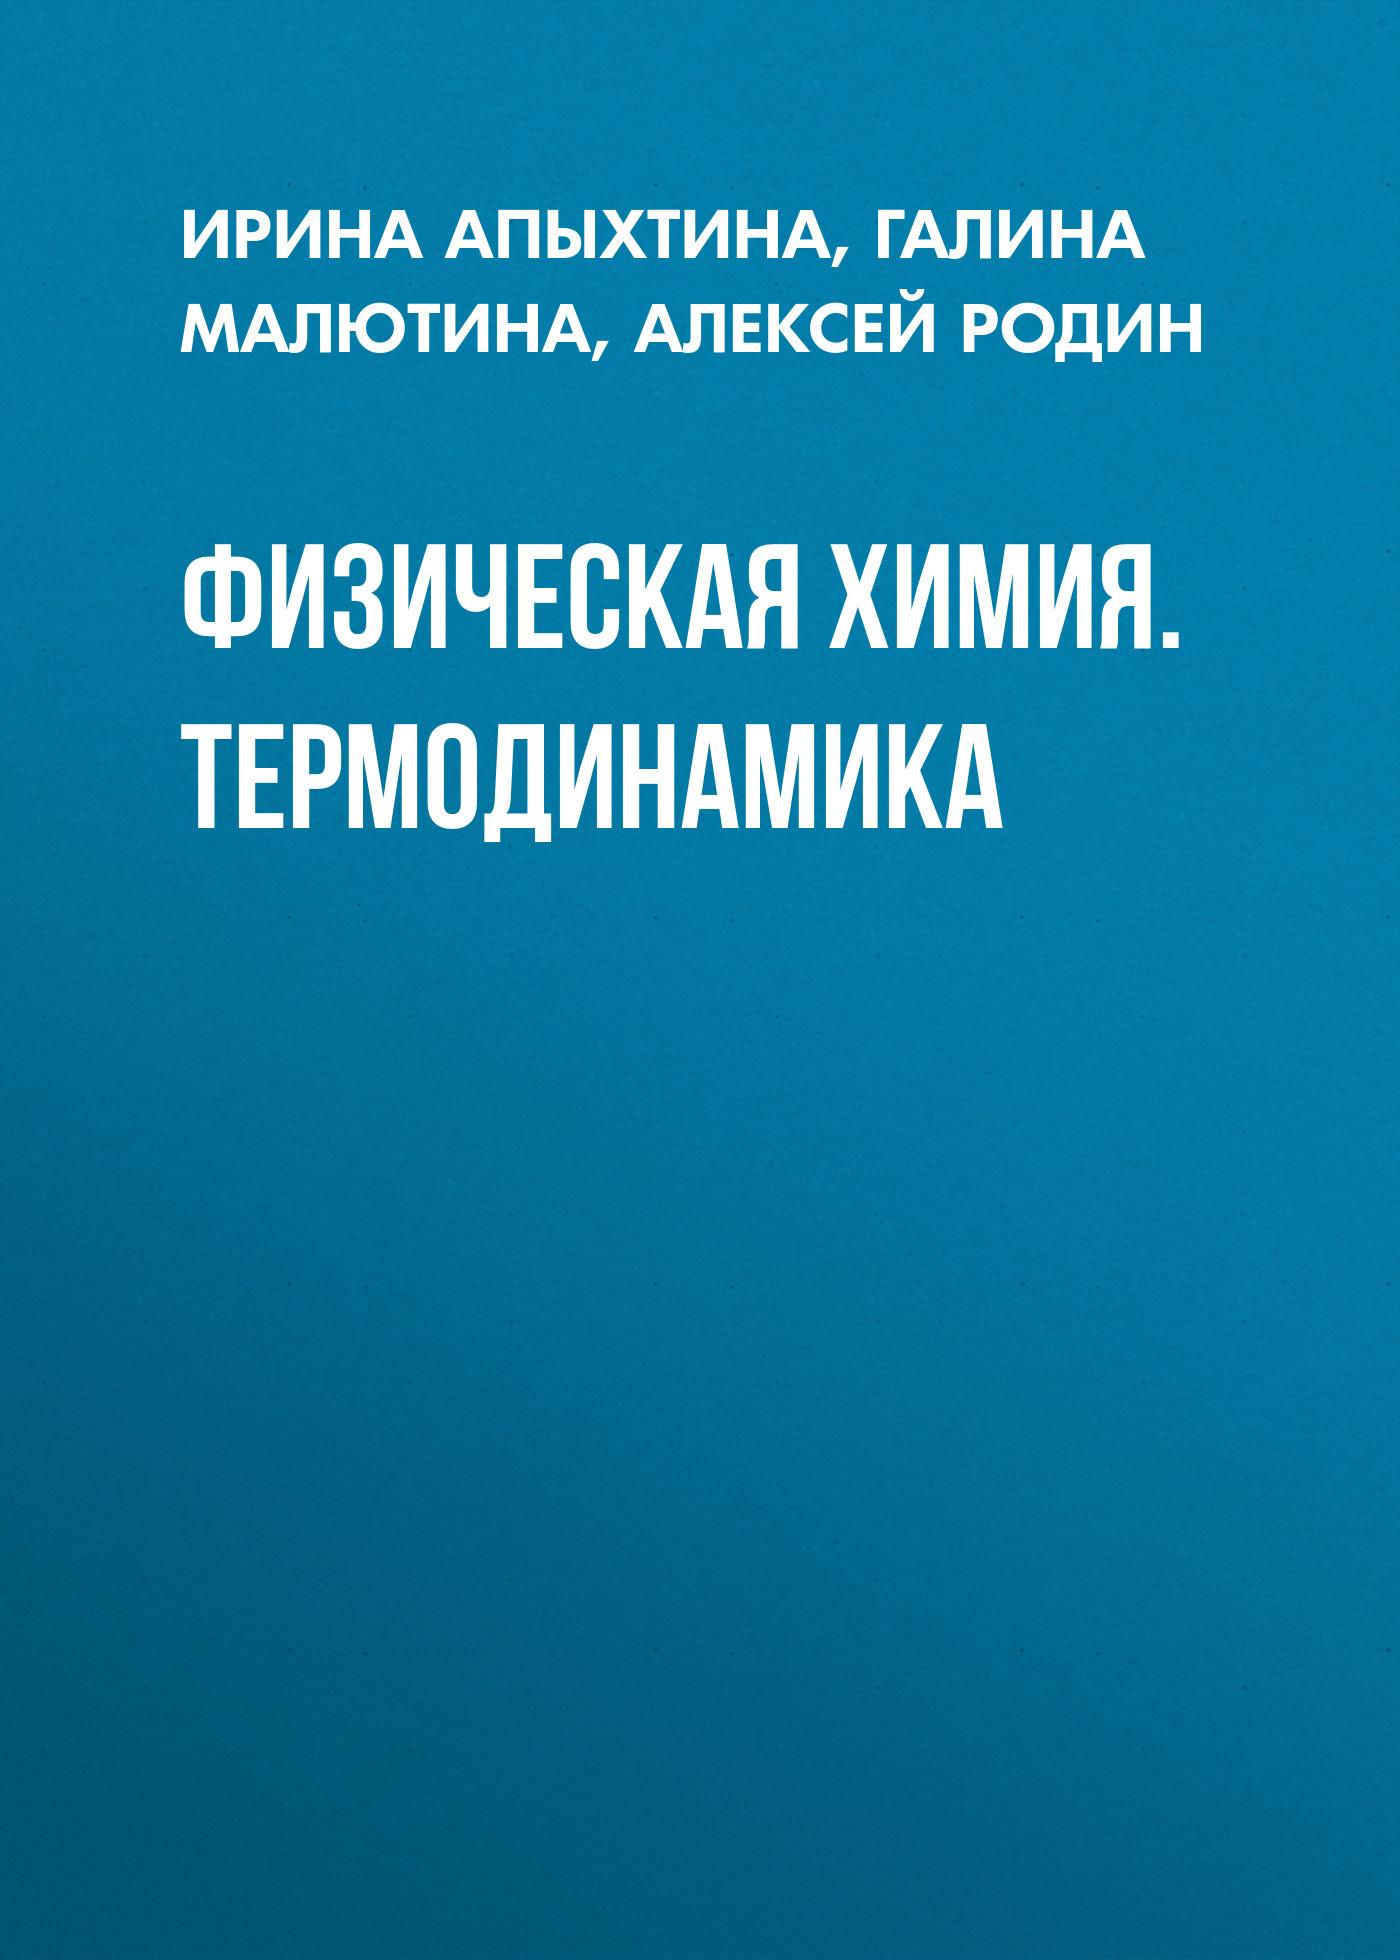 Галина Малютина Физическая химия. Термодинамика артемов а физическая химия учебник